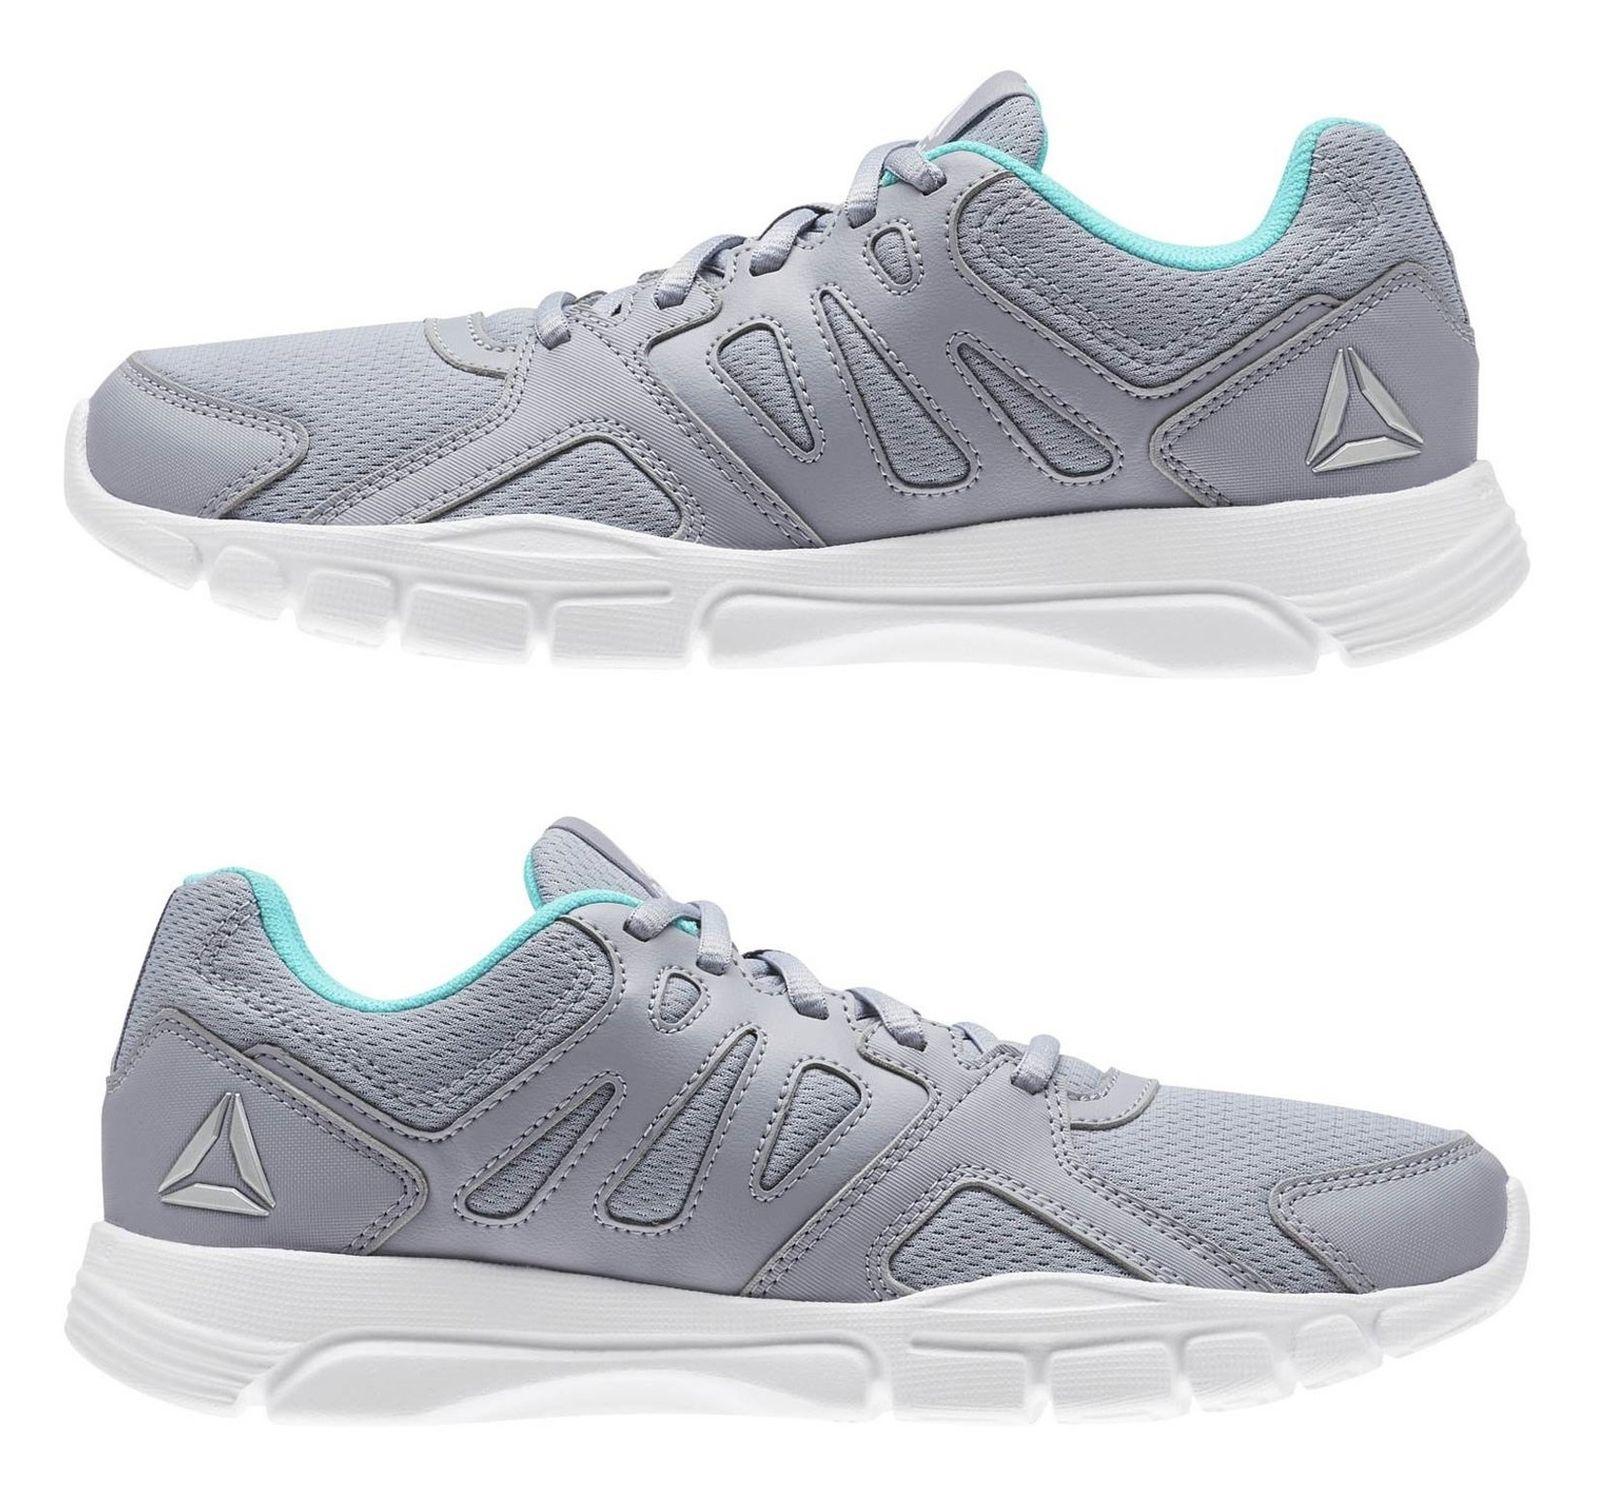 کفش تنیس زنانه Trainfusion Nine 3-0 - ریباک - طوسي - 5